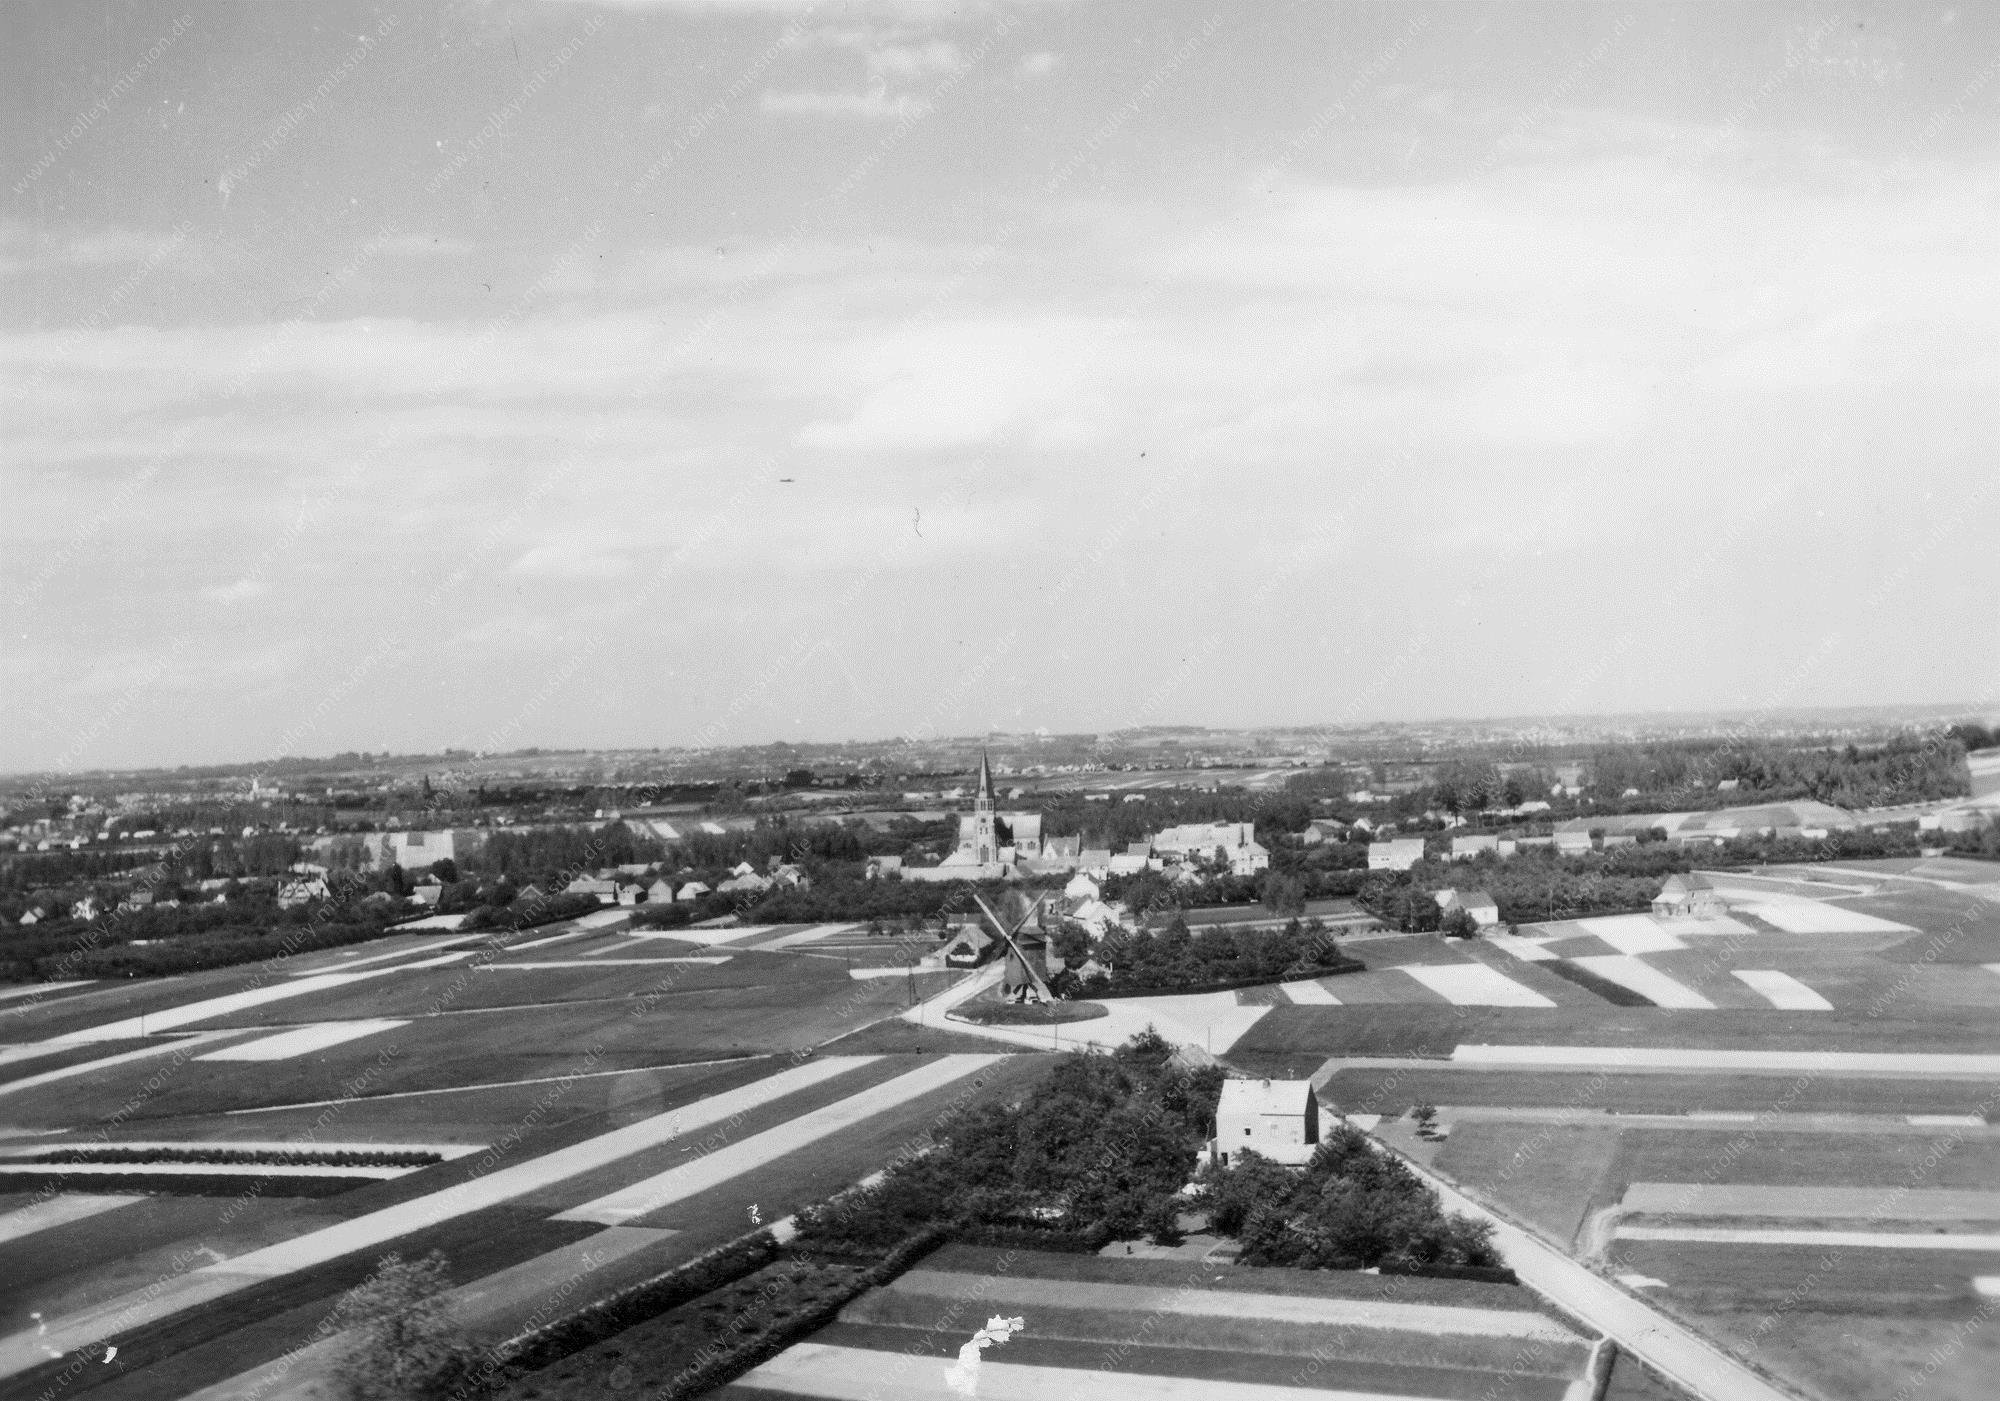 Luchtfoto Windmolen en Sint-Gaugericuskerk in Pamel (Pajottenland) een deelgemeente van Roosdaal